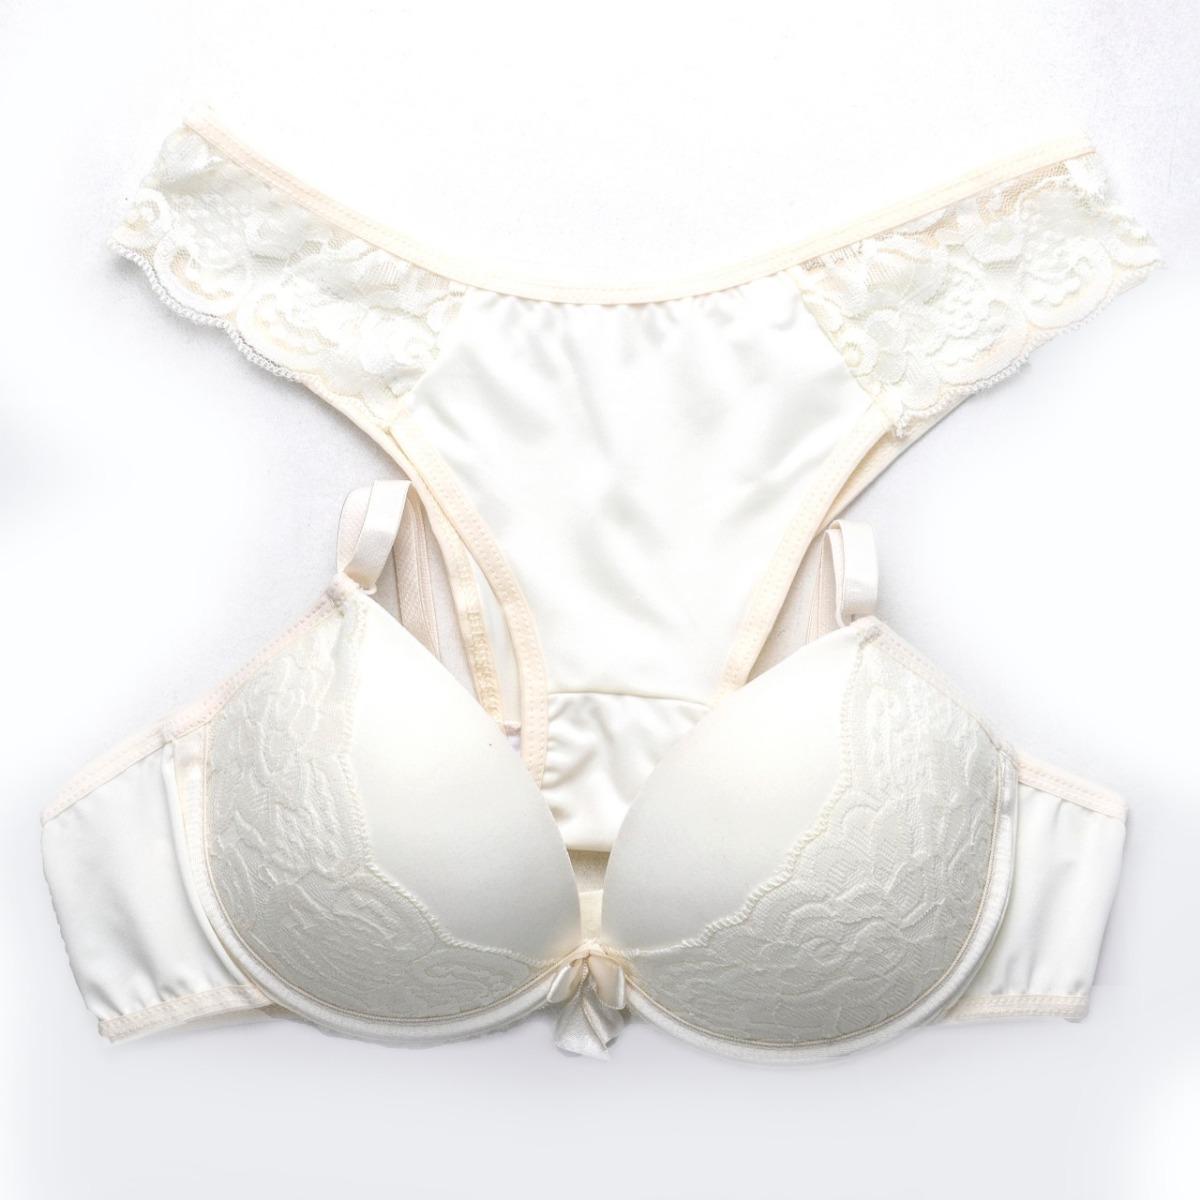 fe9dae78a Carregando zoom... kit sacoleira atacado de lingerie barato ...